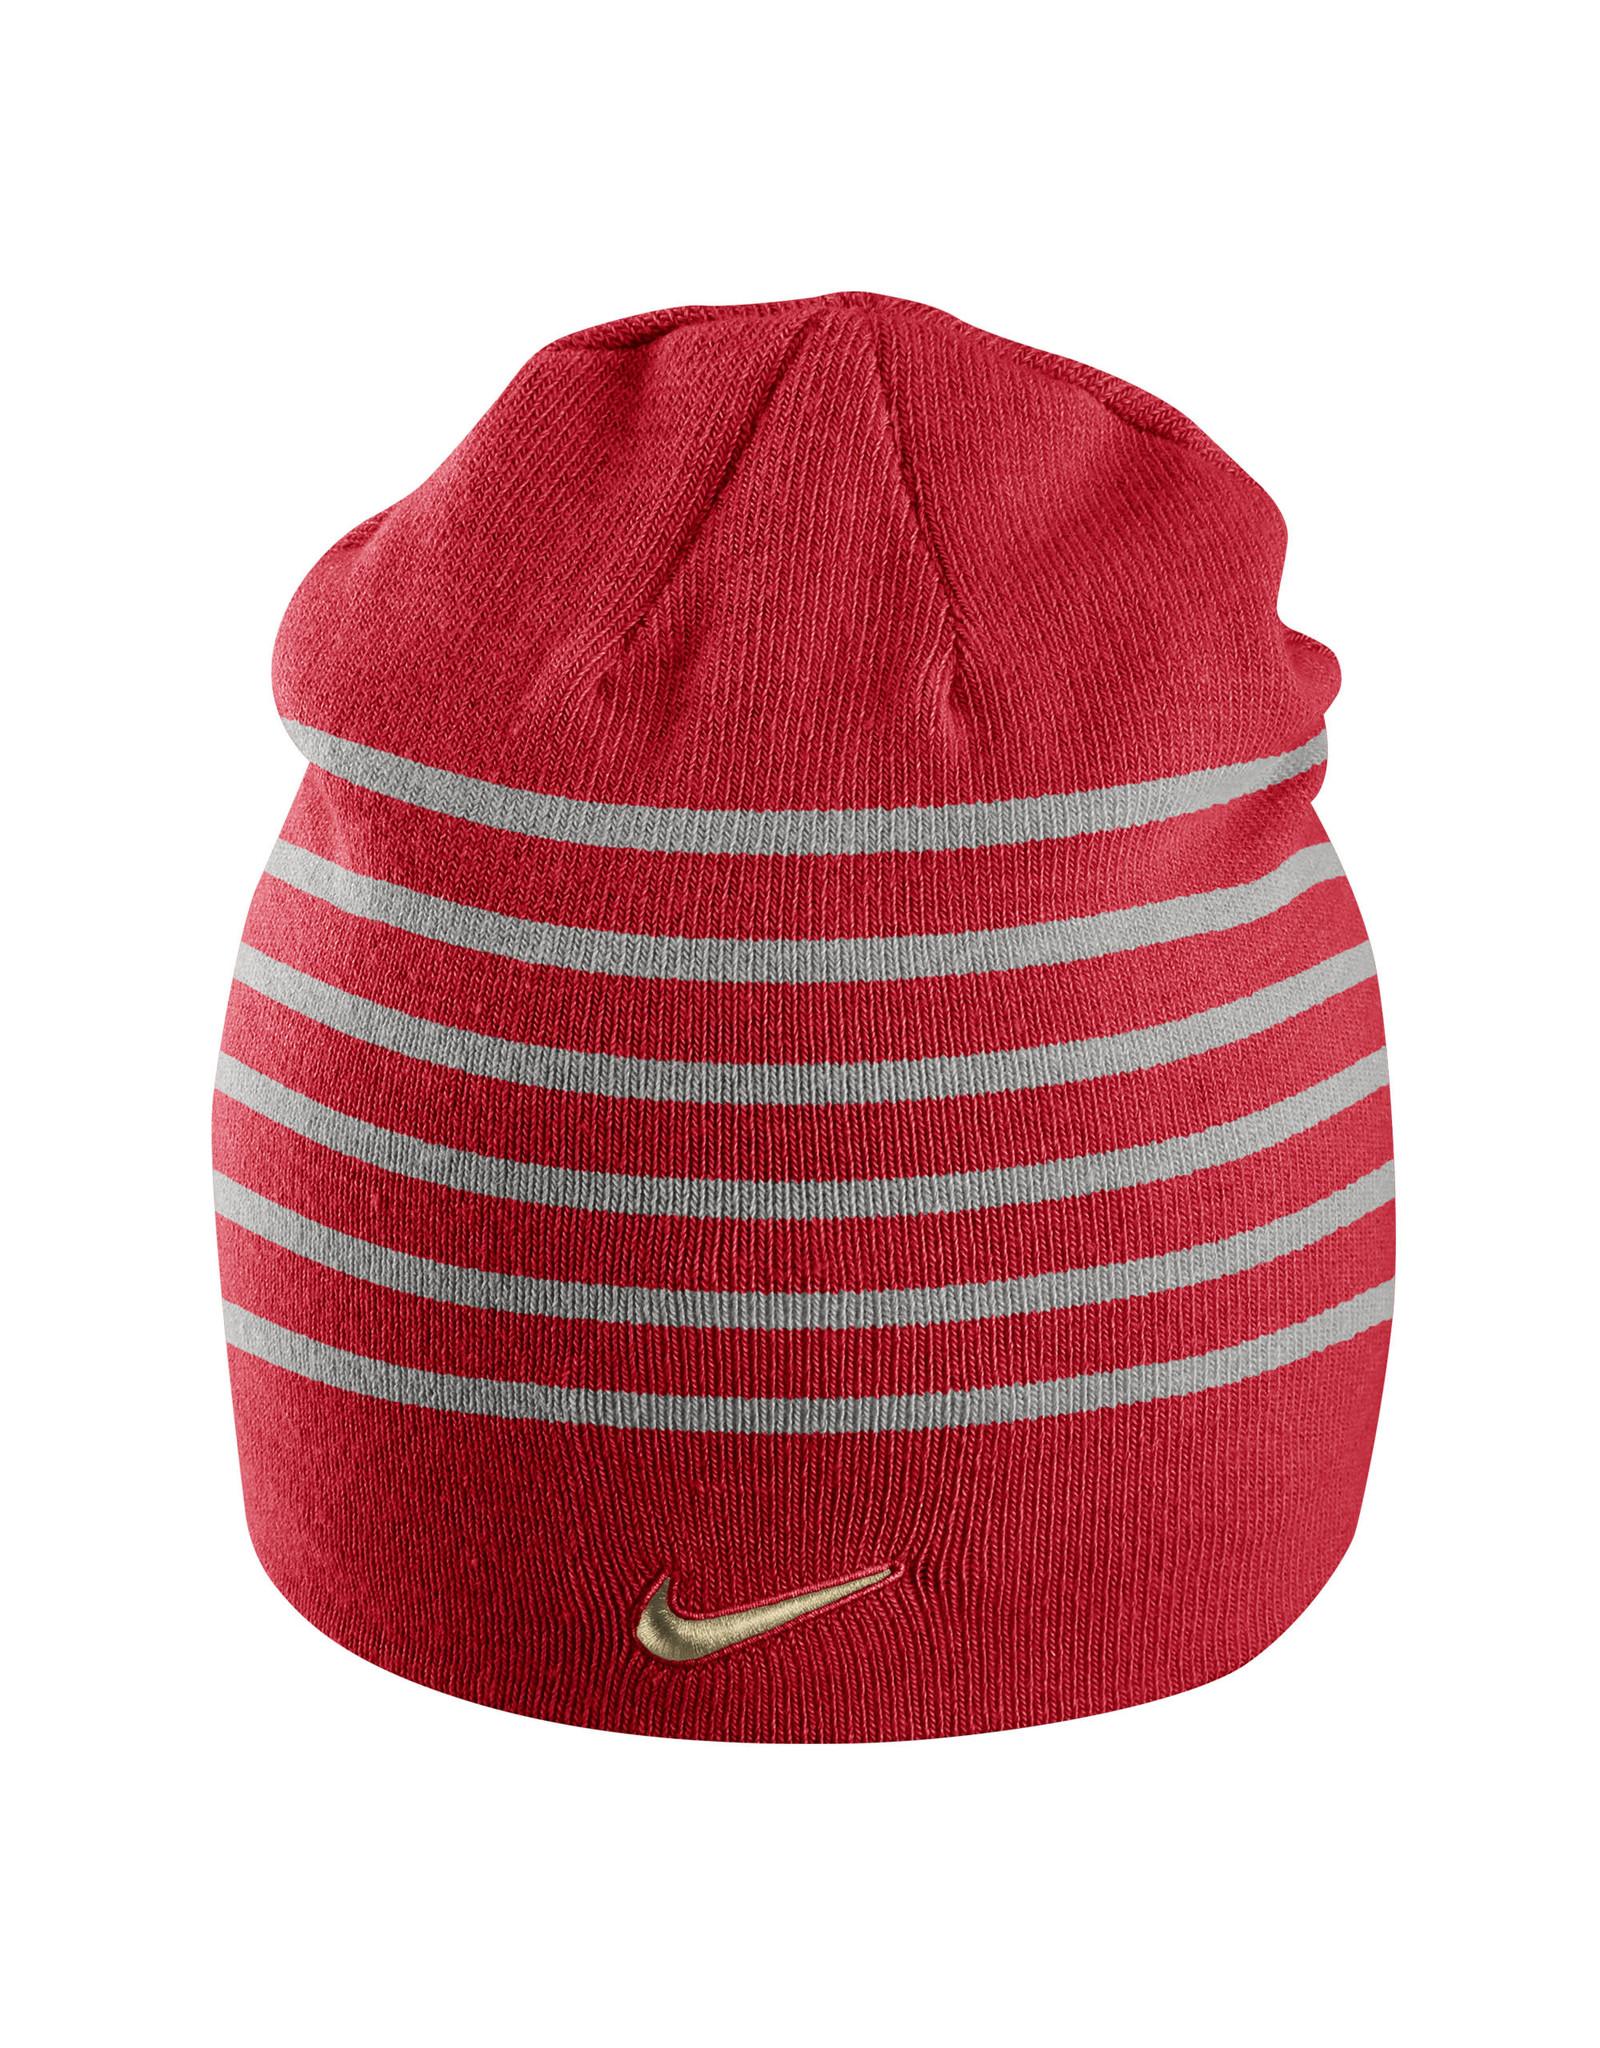 NIKE CAP Swoosh Stripe Beanie by NIKE